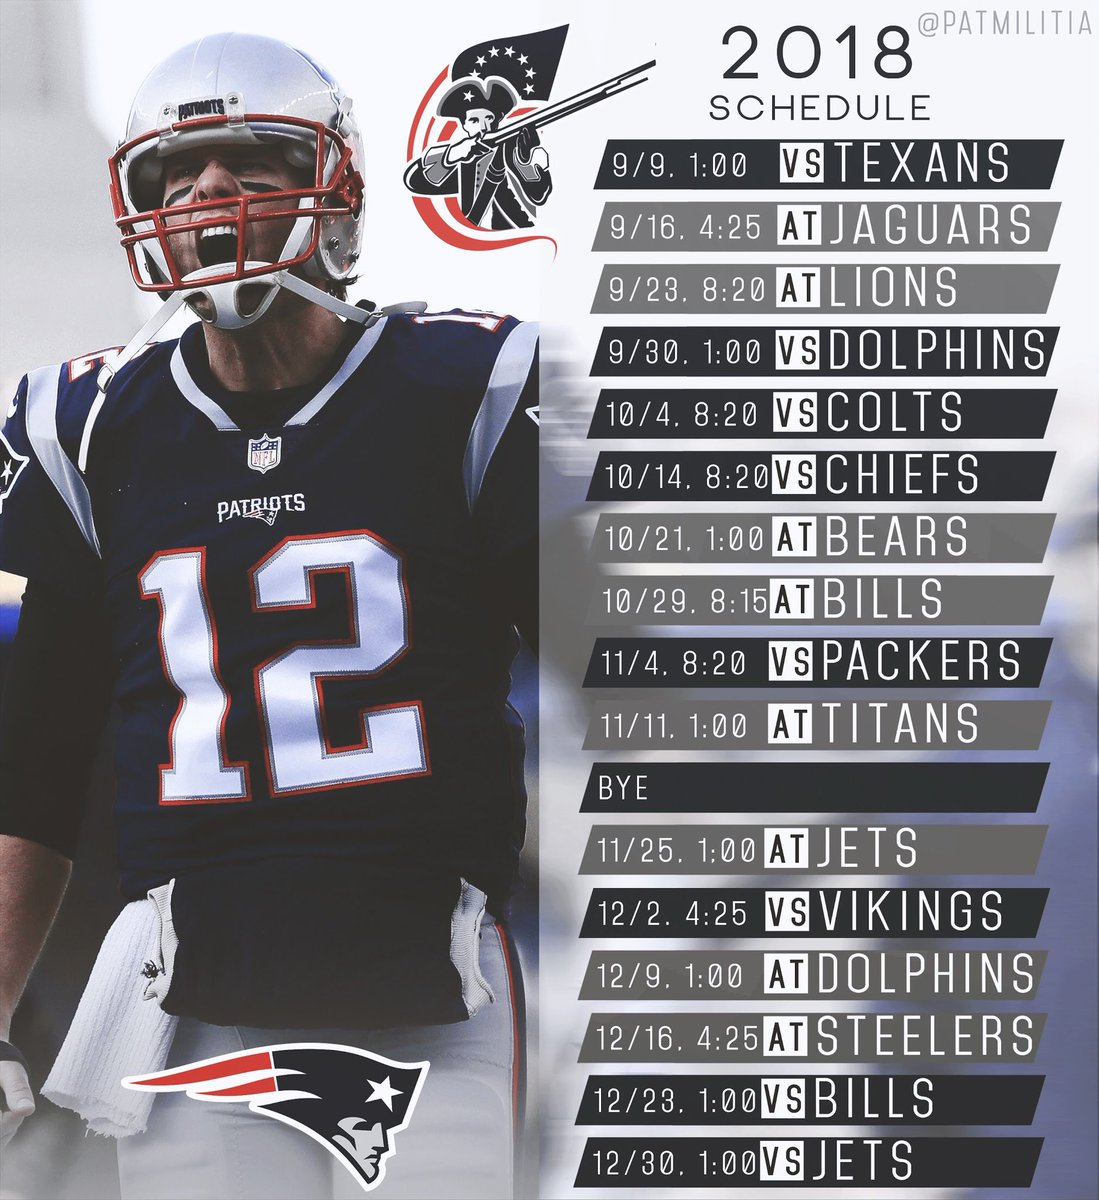 patriots schedule - photo #33